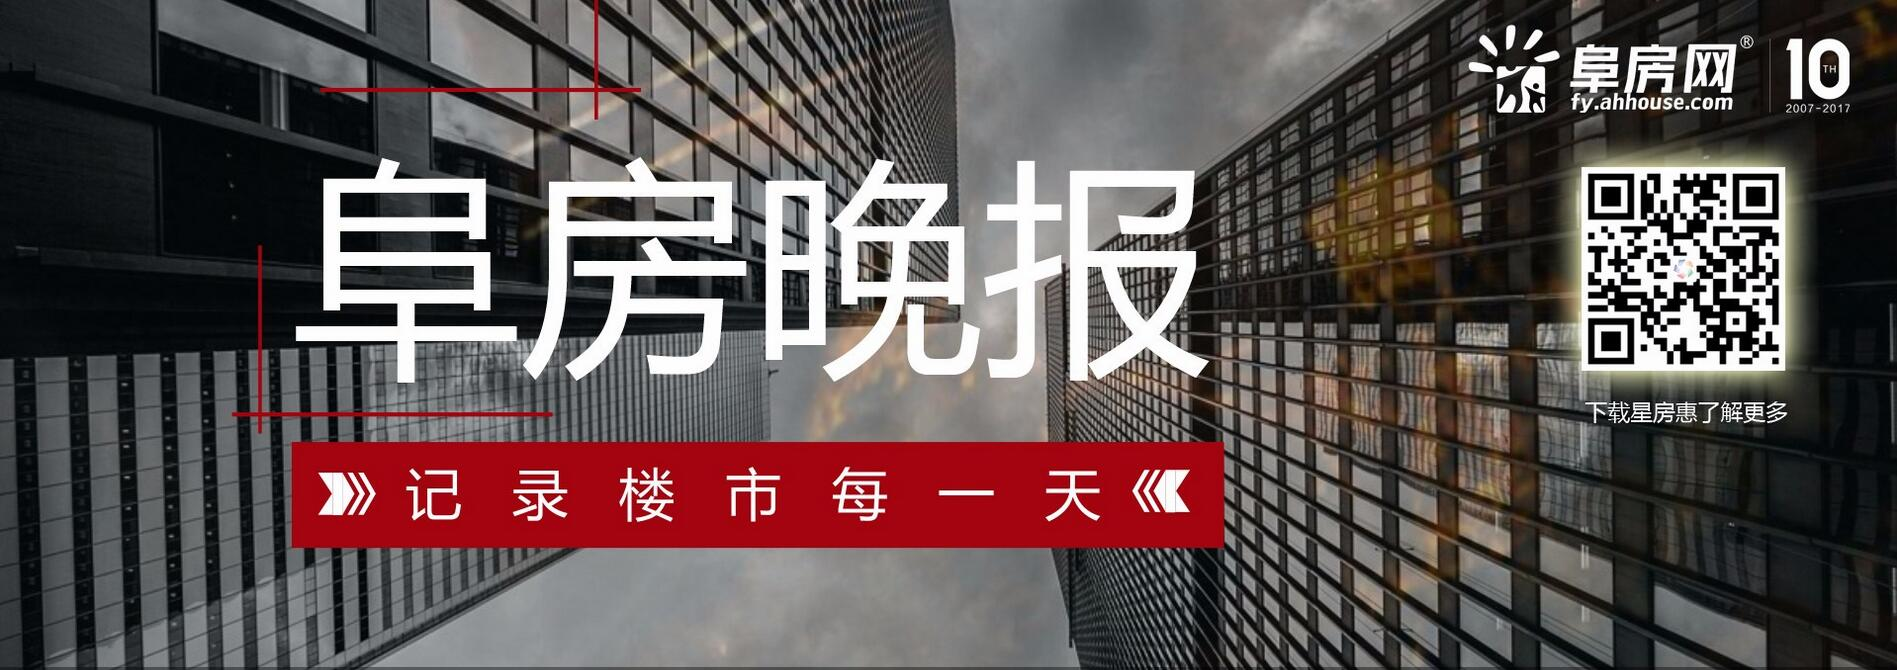 1月15日阜房网新闻晚报:阜阳成千亿房企拿地重心